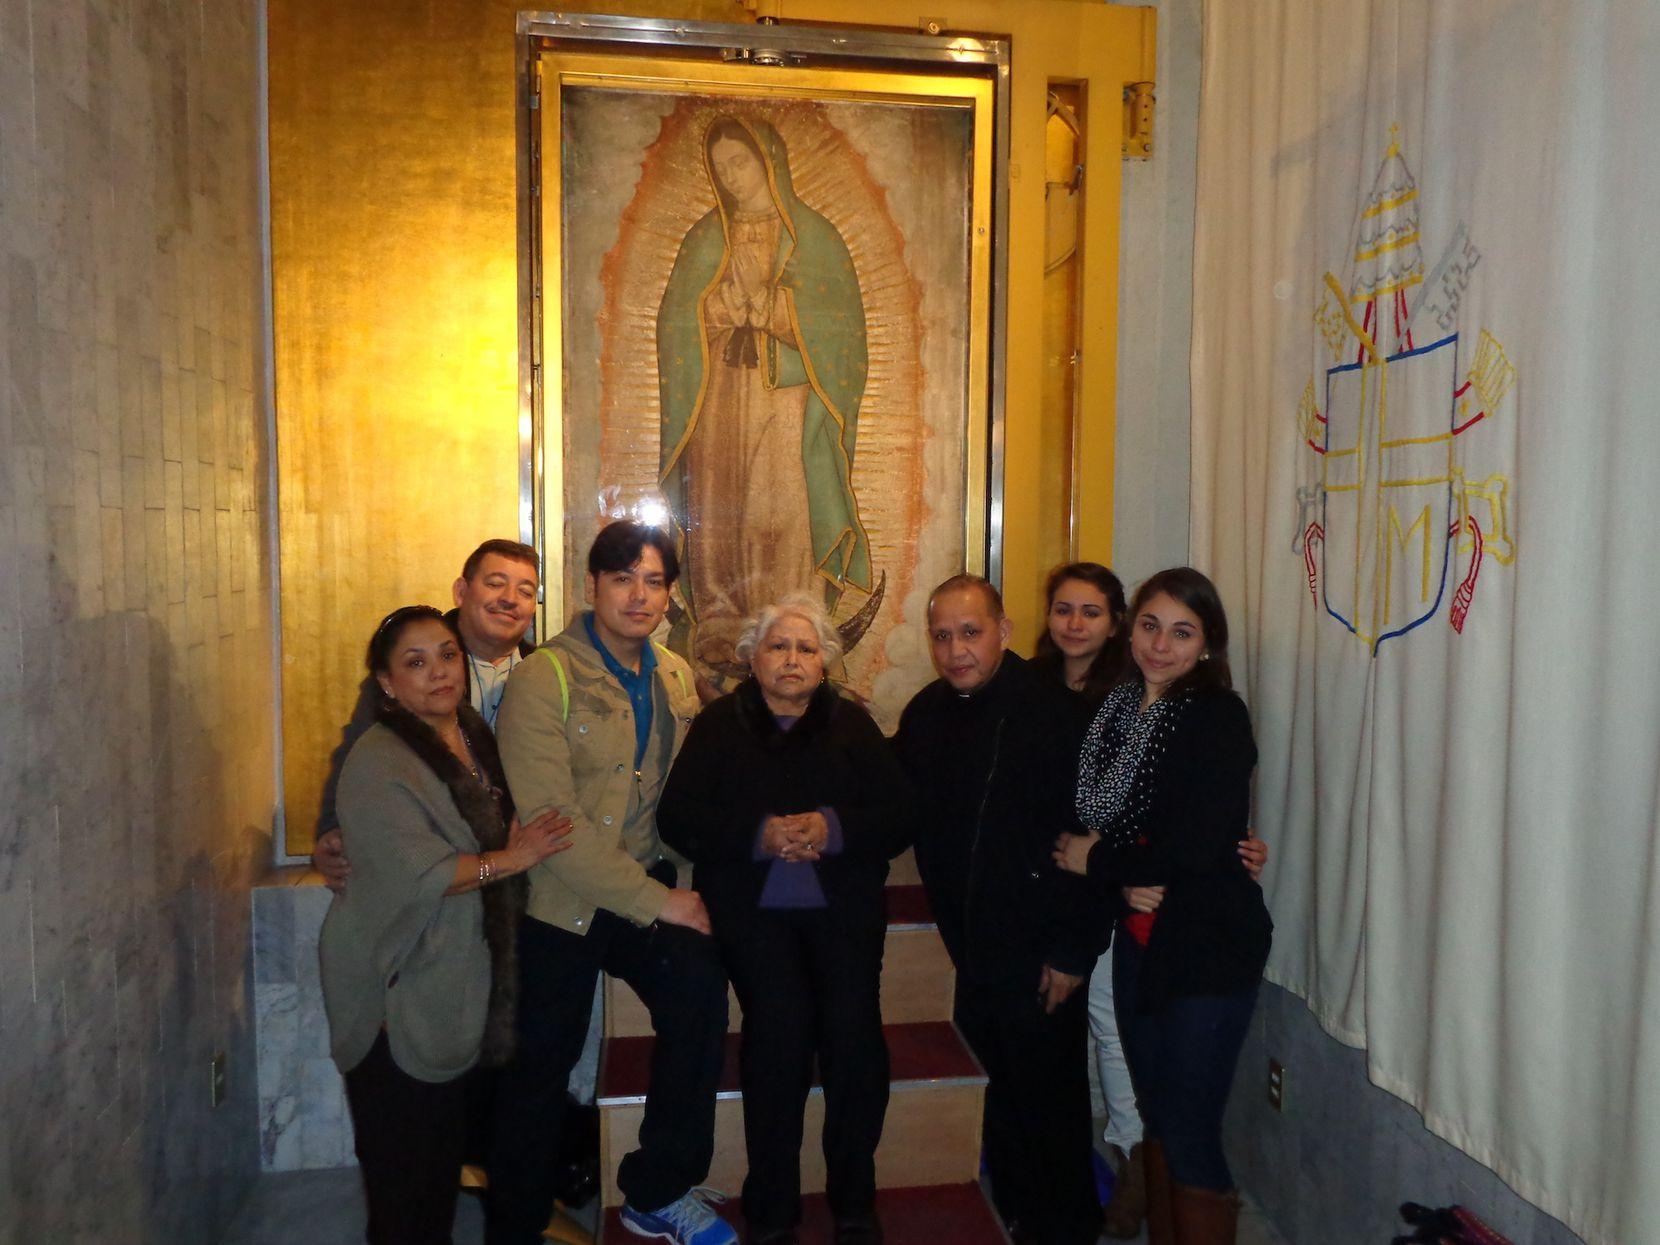 Las hermanas Jacqueline (derecha) y Erica Rodríguez (a su lado) visitaron la Basílica de la Virgen de Guadalupe en la Ciudad de Médico en el 2013 junto a otros miembros de su familia, todos integrantes de la iglesia Santa Cecilia. En el viaje los acompañó el sacerdote Edmundo Paredes (junto a Jacqueline y Erica). El grupo tuvo oportunidad de ver de cerca la Tilma donde aparece la imagen de la Virgen. (CORTESÍA)